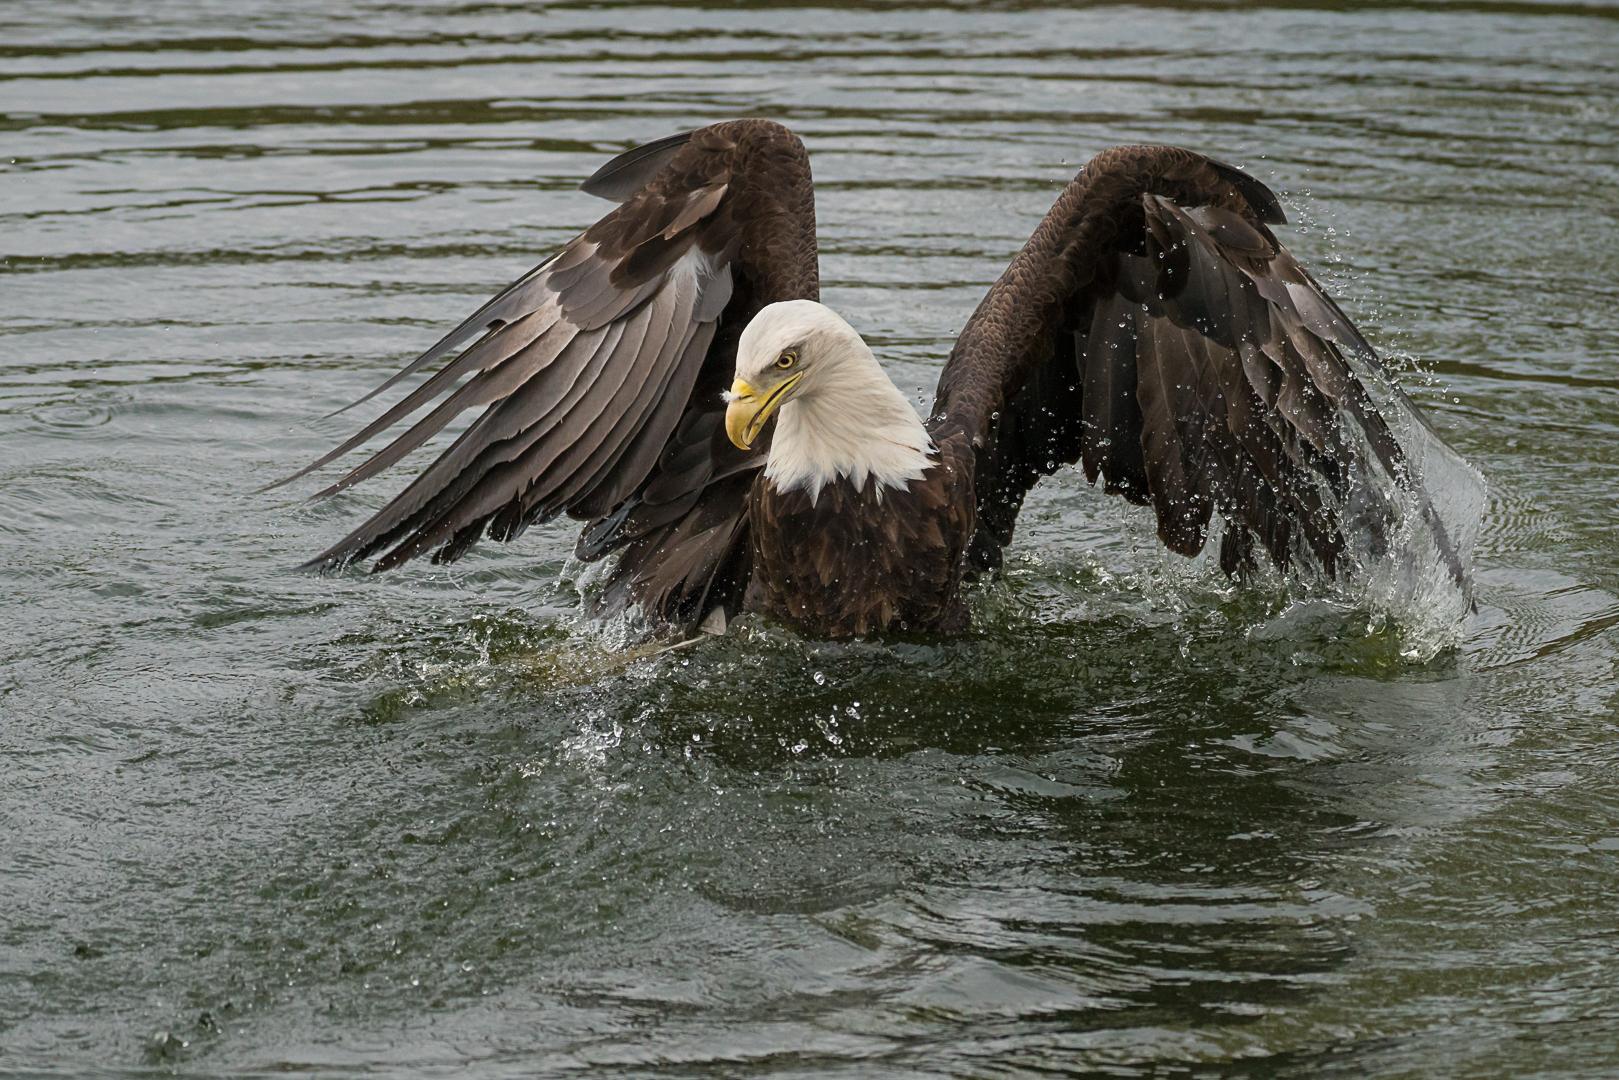 Machtige vleugels